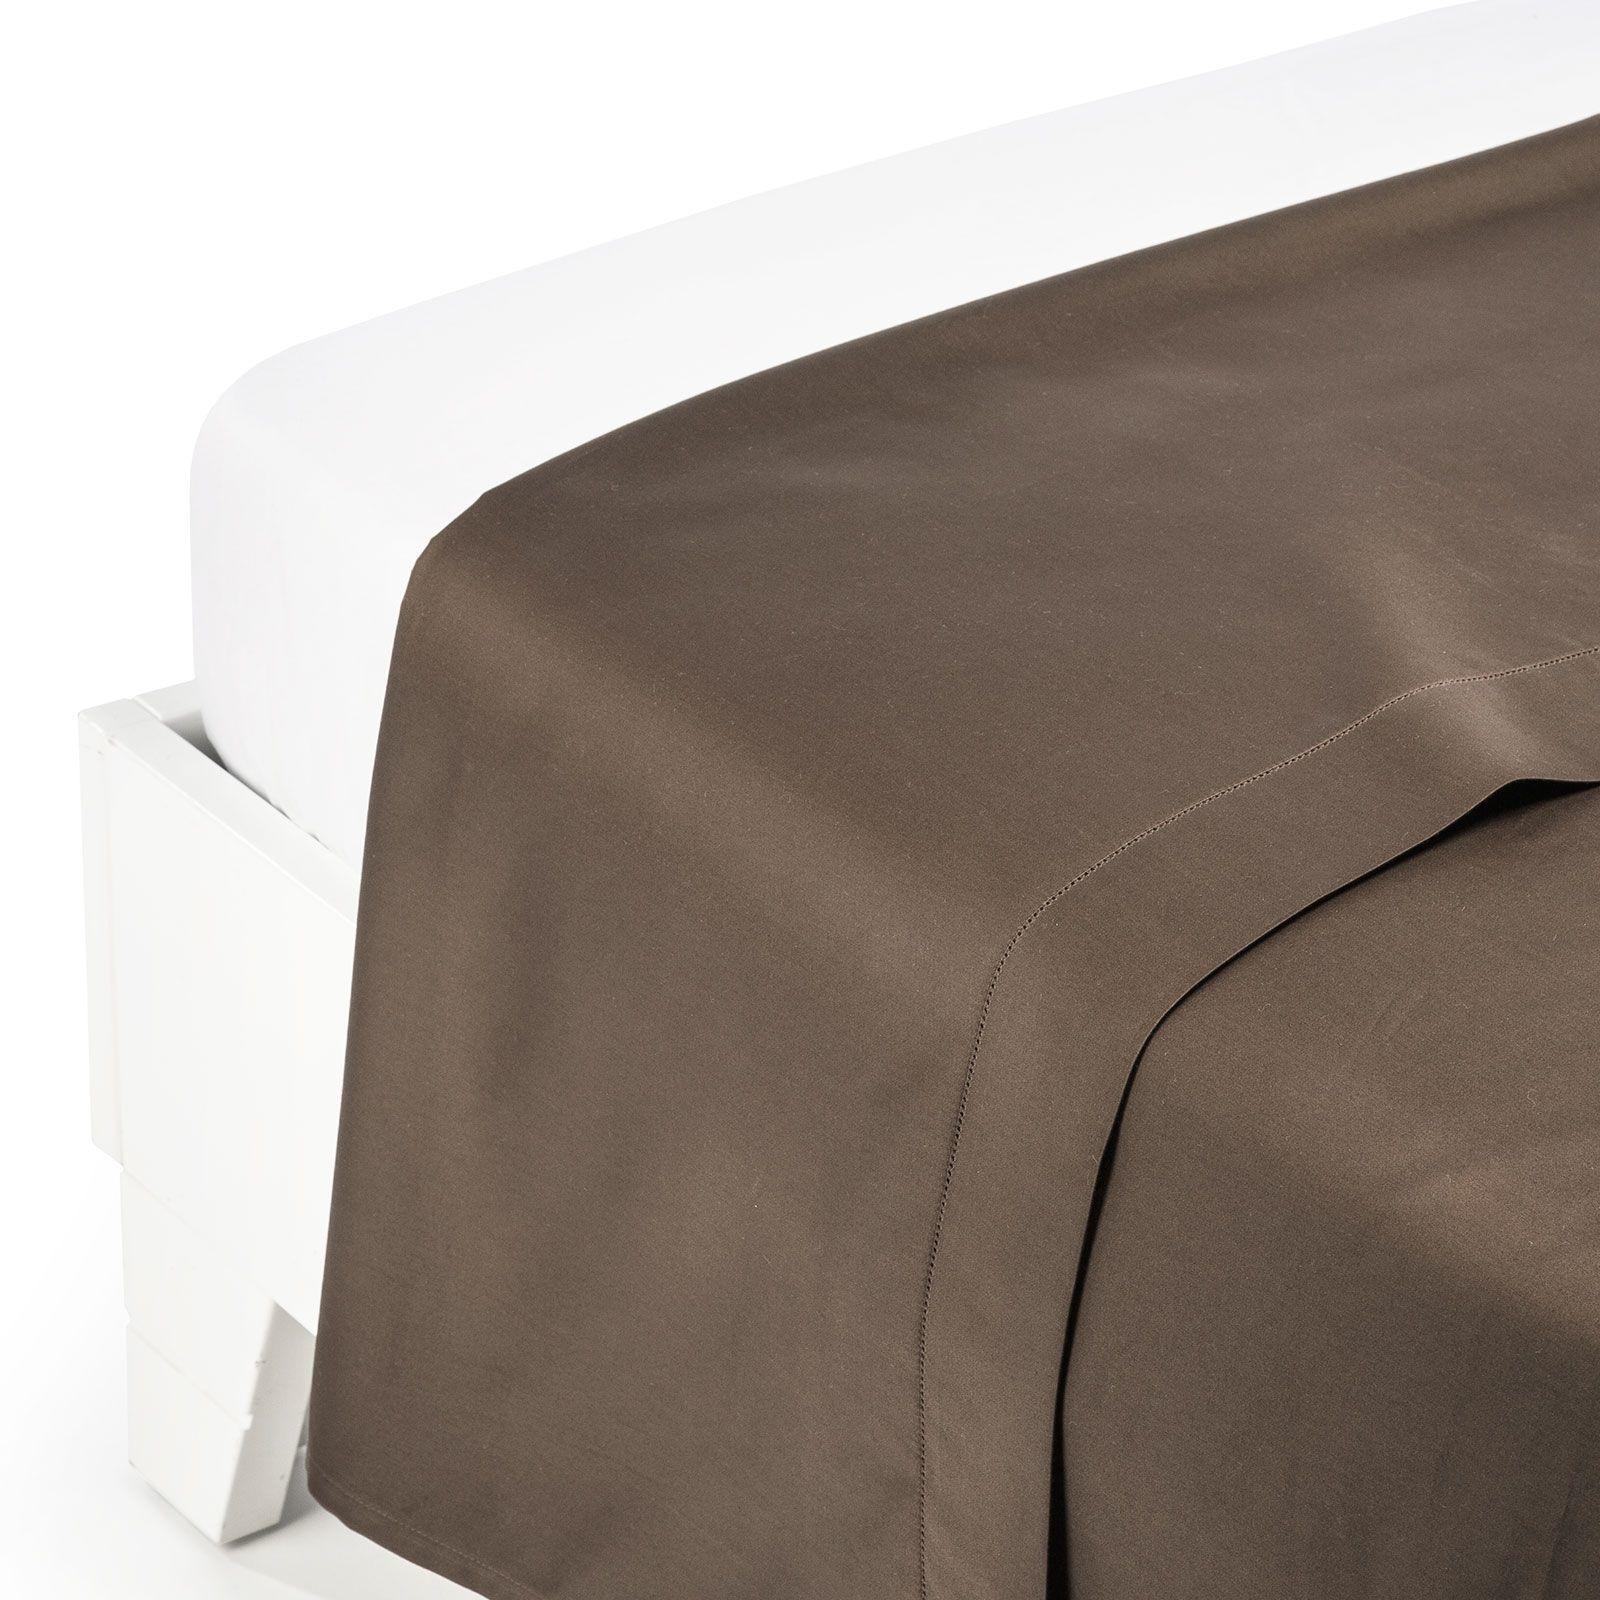 Прямые Простыня прямая 260x280 Сaleffi Raso Tinta Unito сатин темно-коричневая prostynya-pryamaya-caleffi-raso-tinta-unito-satin-caffe-italiya.jpg